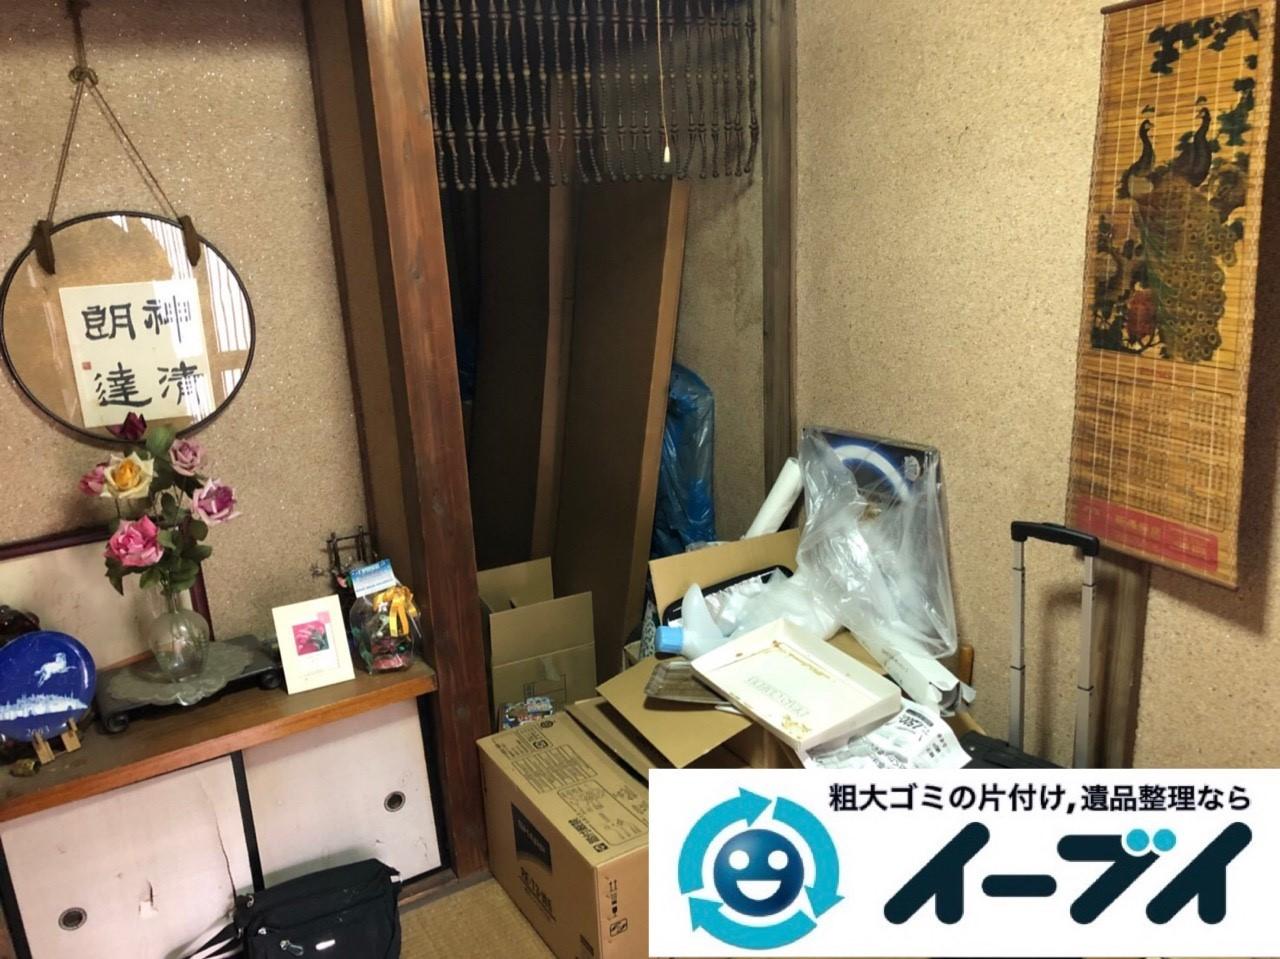 2018年12月29日大阪府大阪市鶴見区で実家の片付けで出た本などの不用品回収。写真4